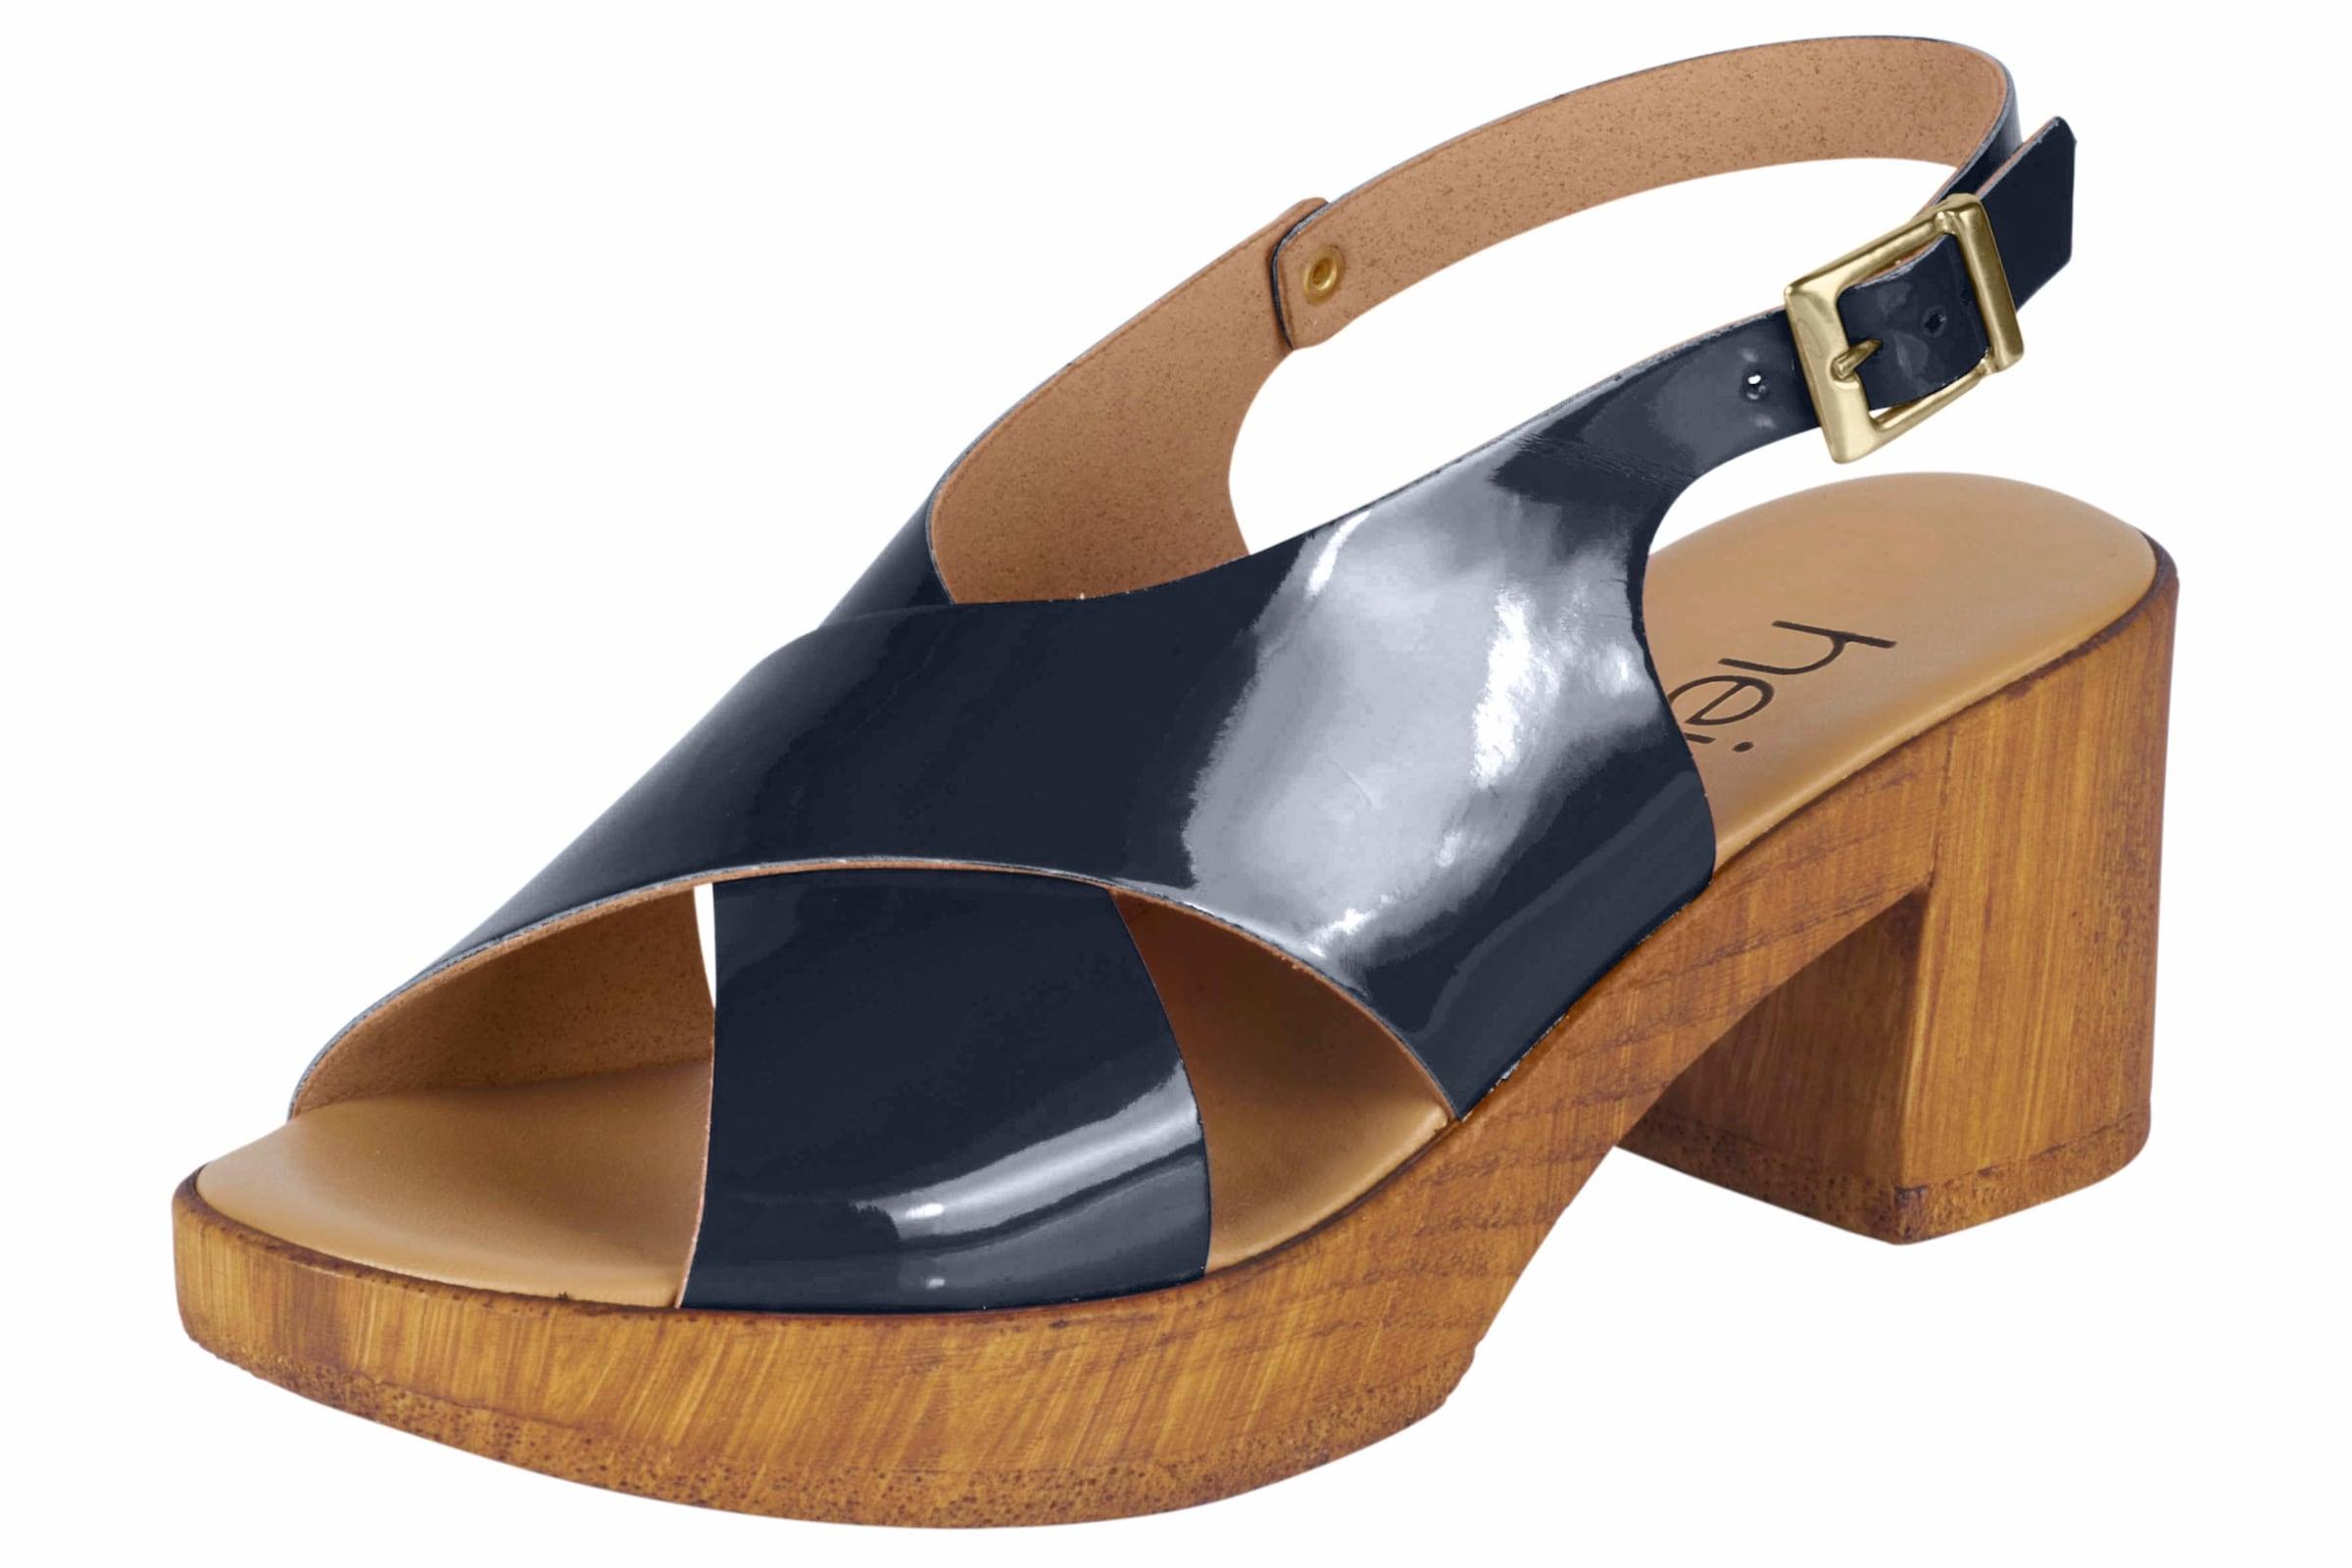 heine Sandalette in Lack-Optik Verschleißfeste billige Schuhe